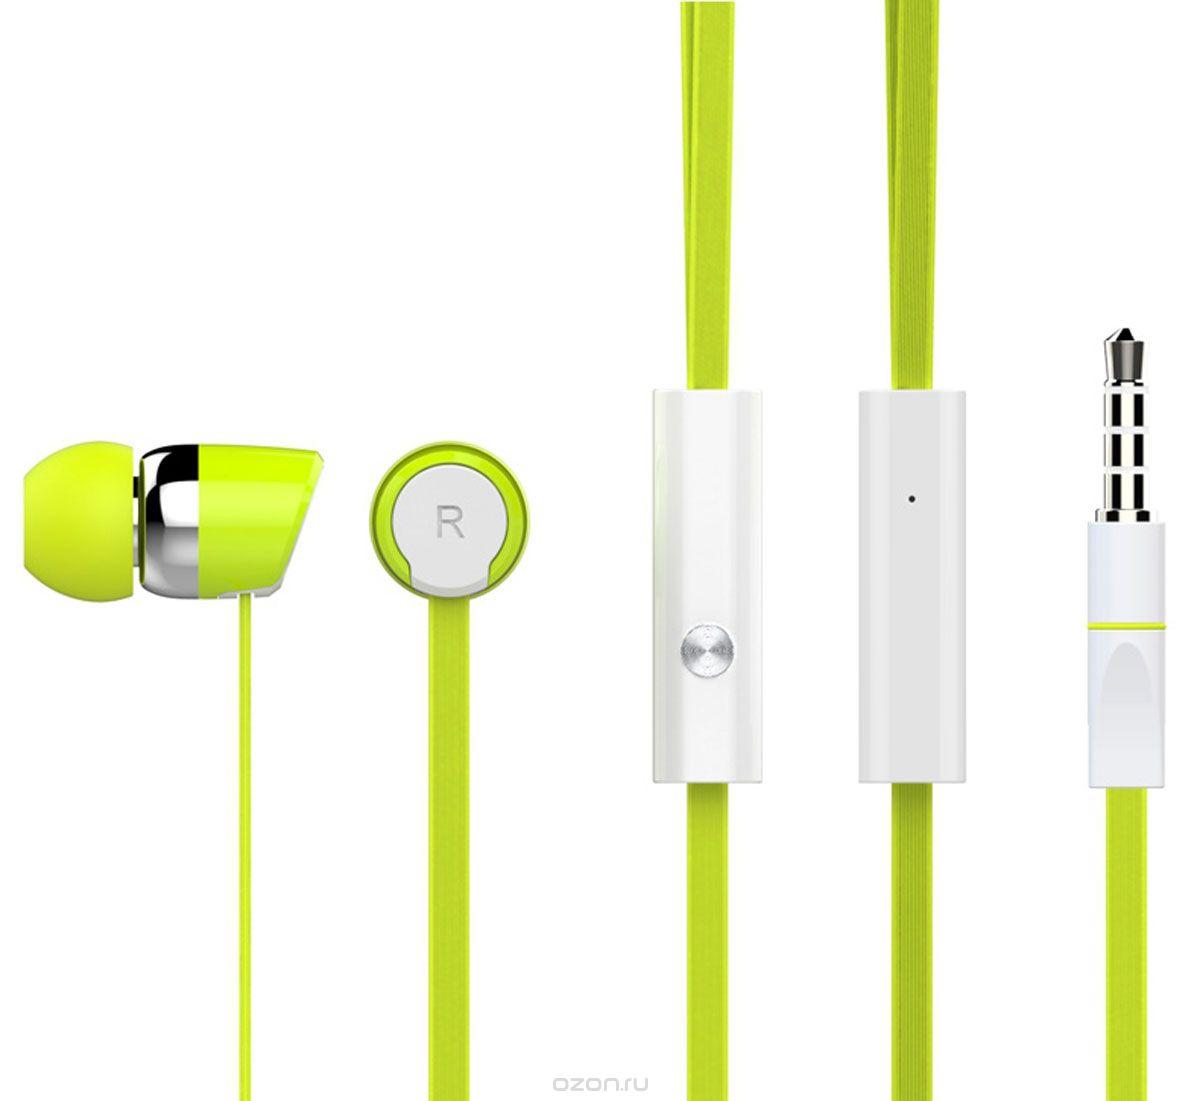 Гарнитура HARPER KIDS HV-104 Green Проводные / Внутриканальные с микрофоном / 20 - 20000 Гц / 100 дБ / Двустороннее / miniJack 3.5 мм гарнитура